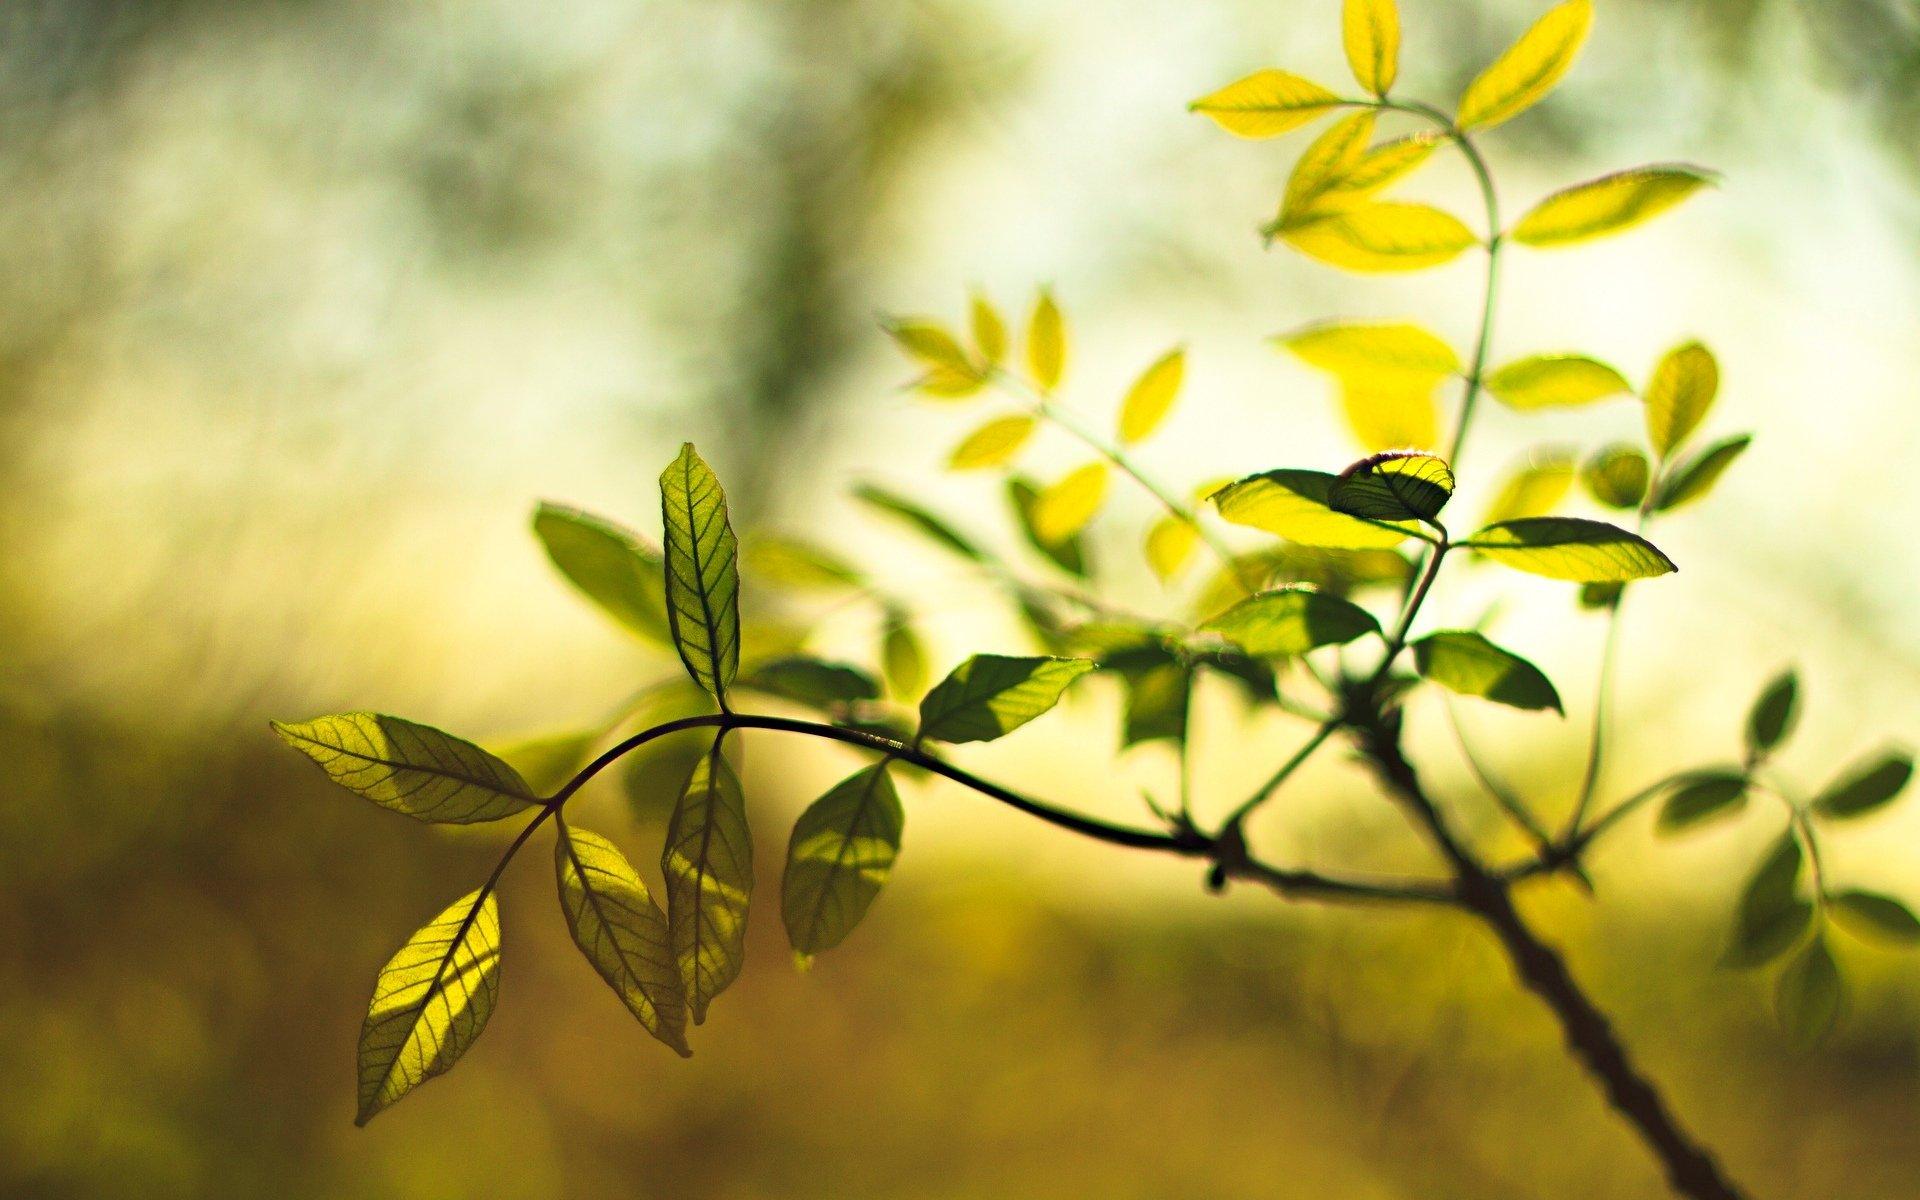 листья зелень фокус  № 1341639 загрузить